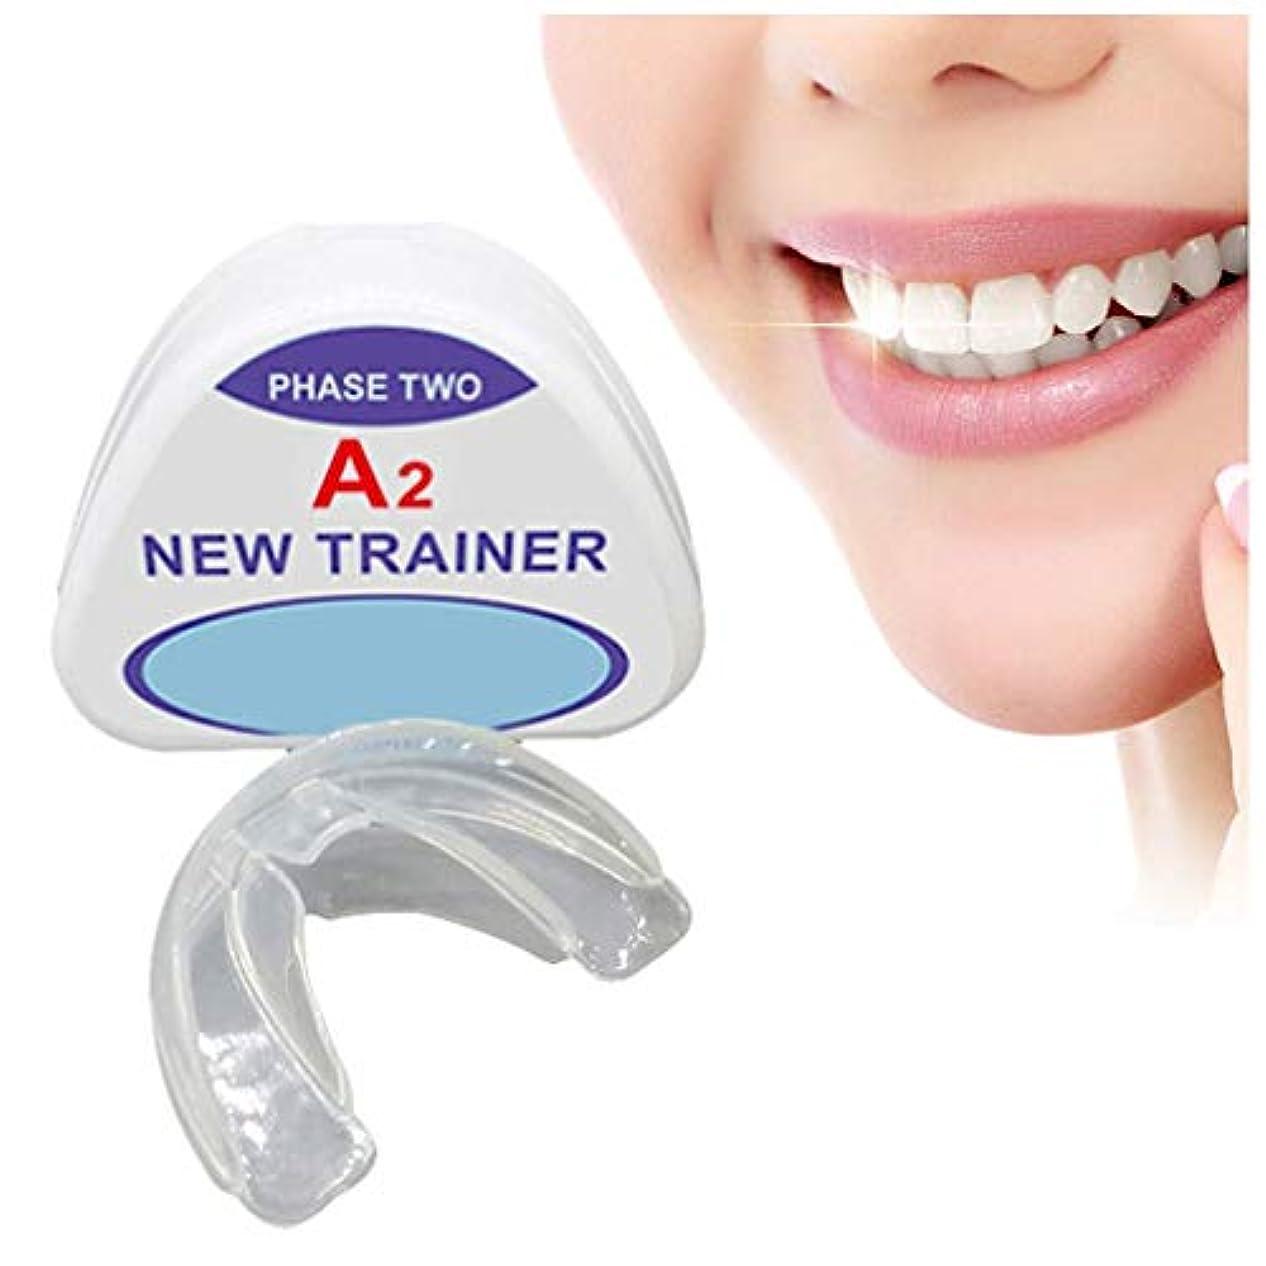 思春期公平エンドテーブル歯列矯正トレーナーリテーナー、歯科矯正ブレース、歯科マウスガード矯正器具、夜間予防臼歯ブレース、(2ステージ)、A1 + A2,A2